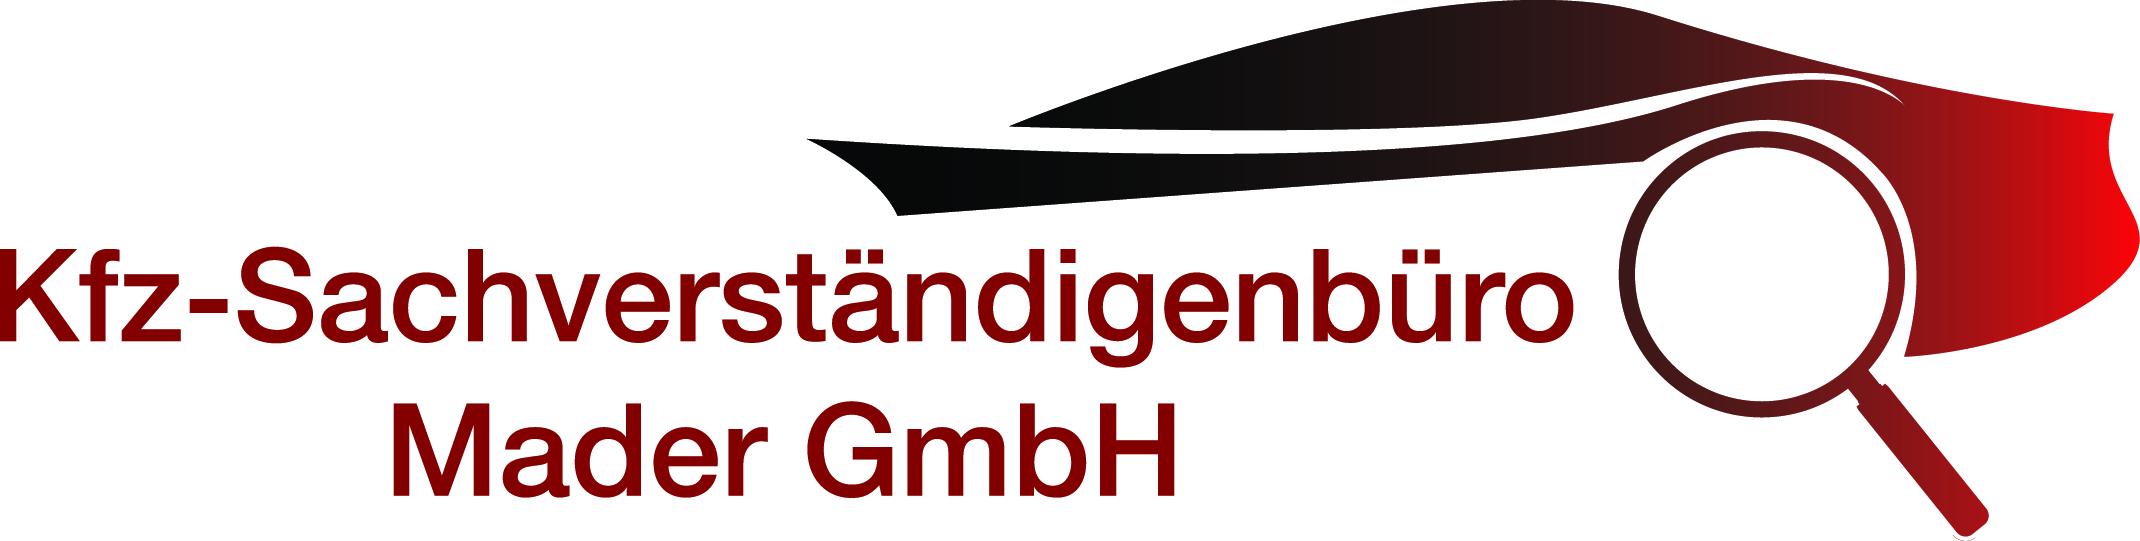 Kfz-Sachverständigenbüro Mader GmbH